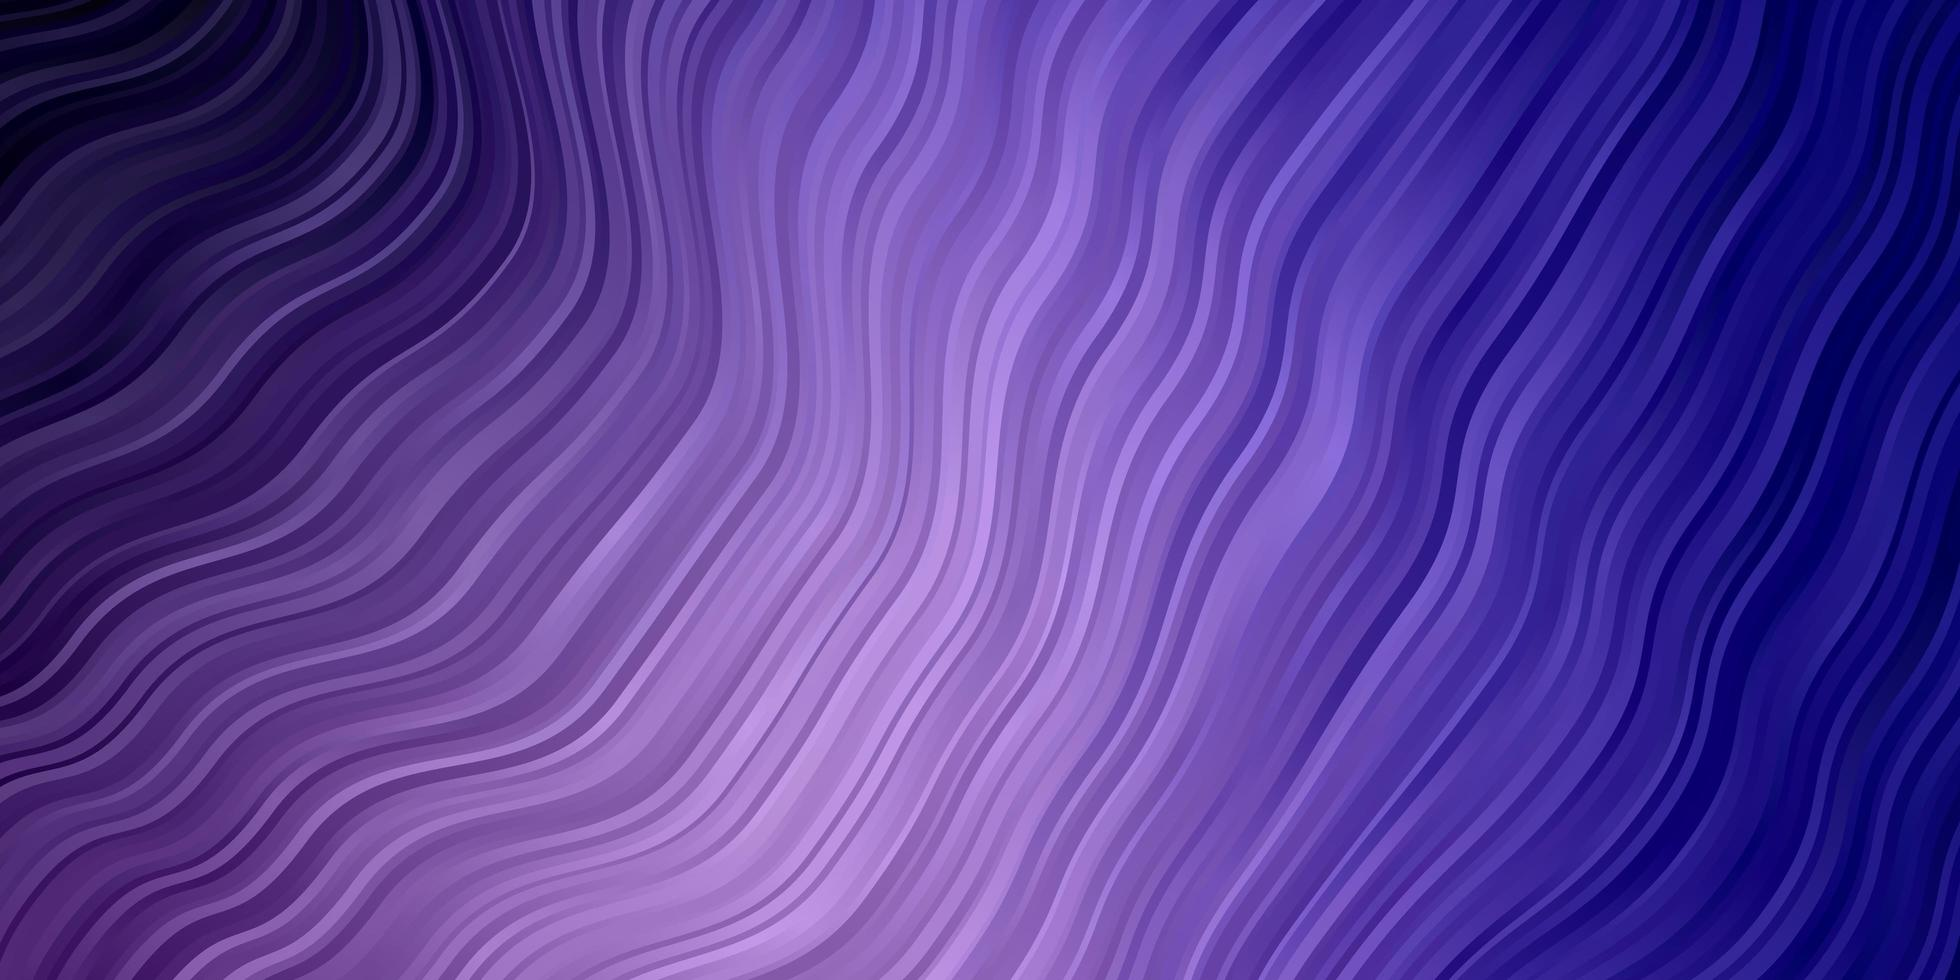 lichtpaarse sjabloon met wrange lijnen. vector